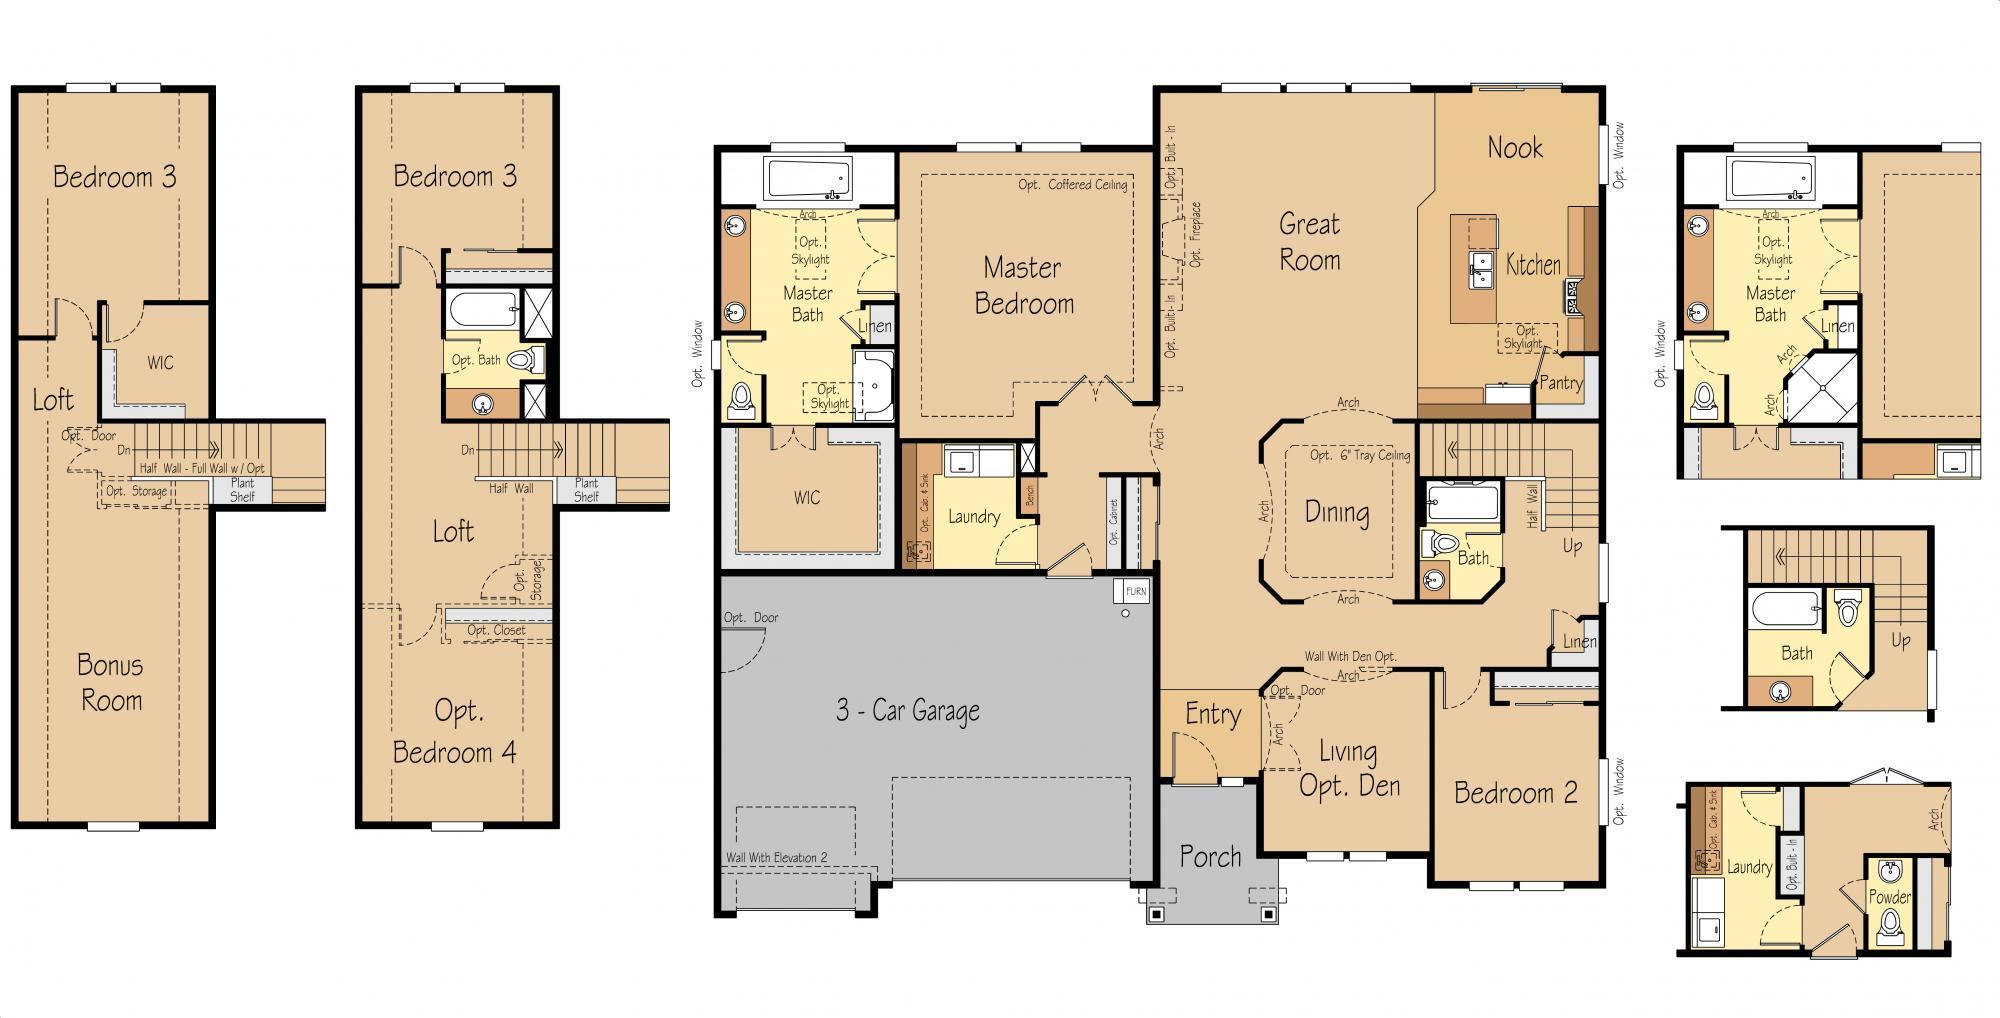 25718 209th Loop SE, Covington, WA Homes & Land - Real Estate